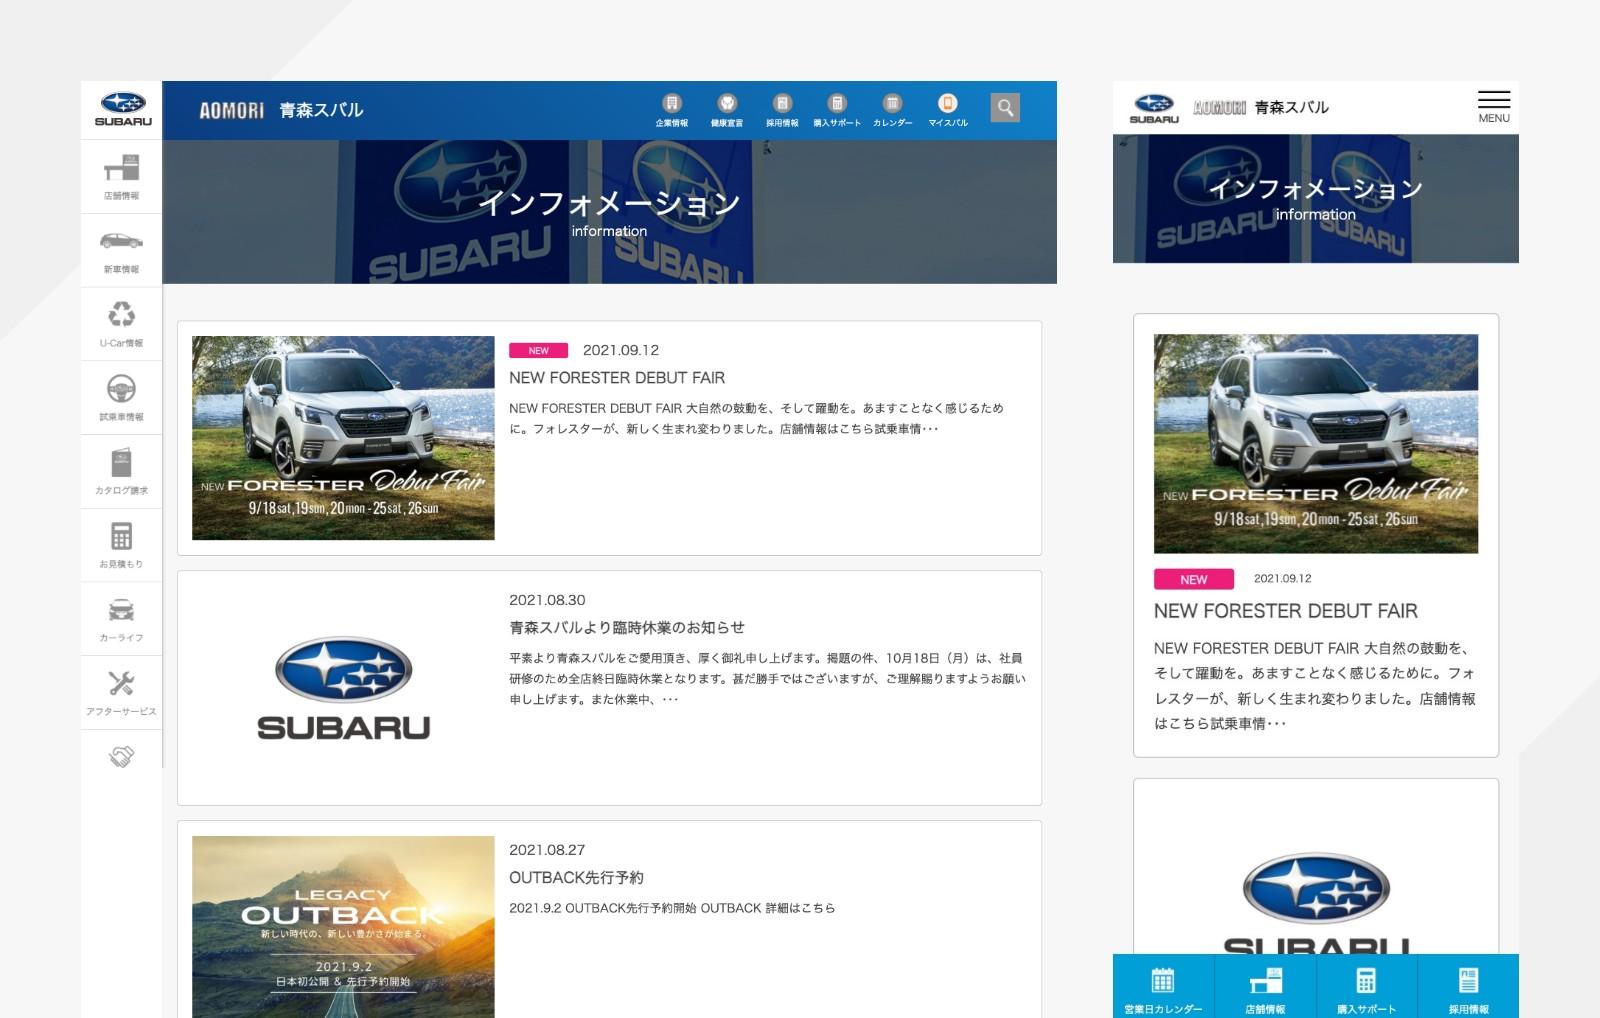 青森スバルホームページCMS導入-インフォメーション